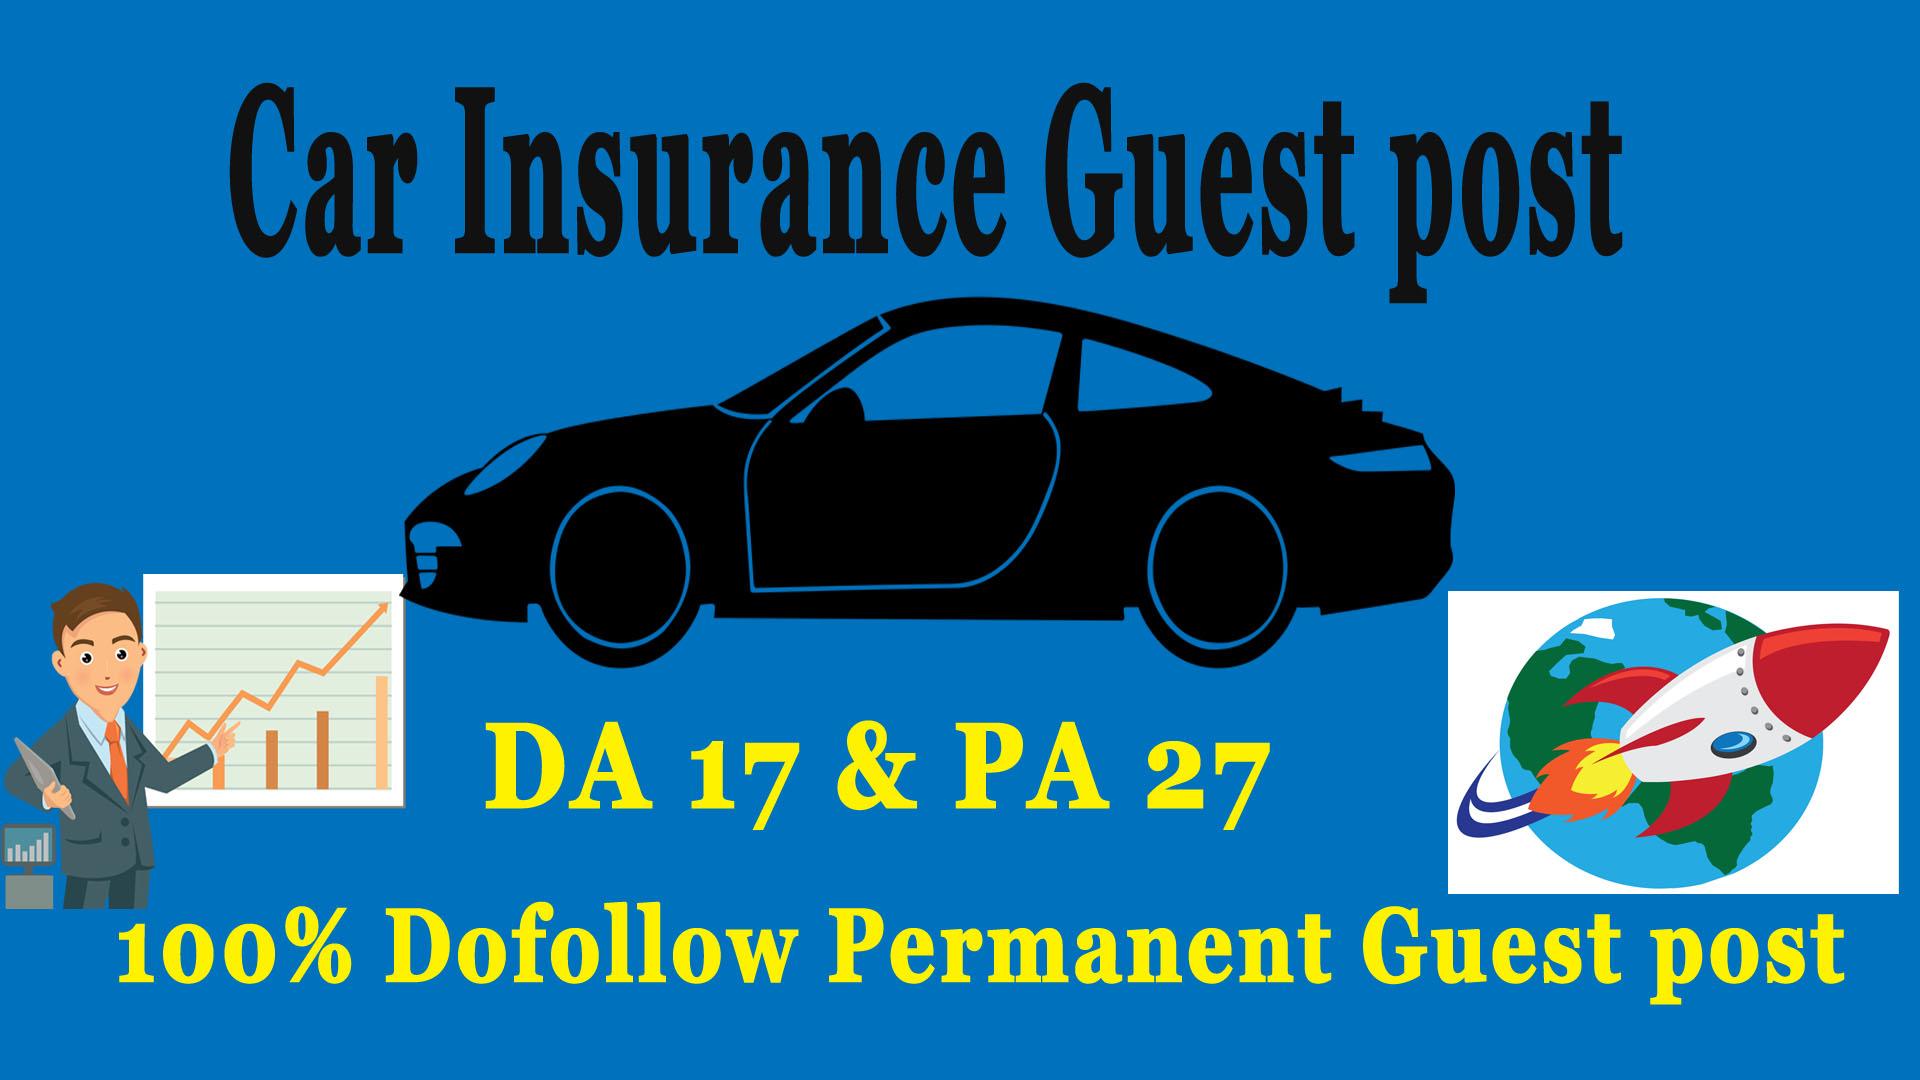 Car Insurance Guest Post DA 17 PA 27